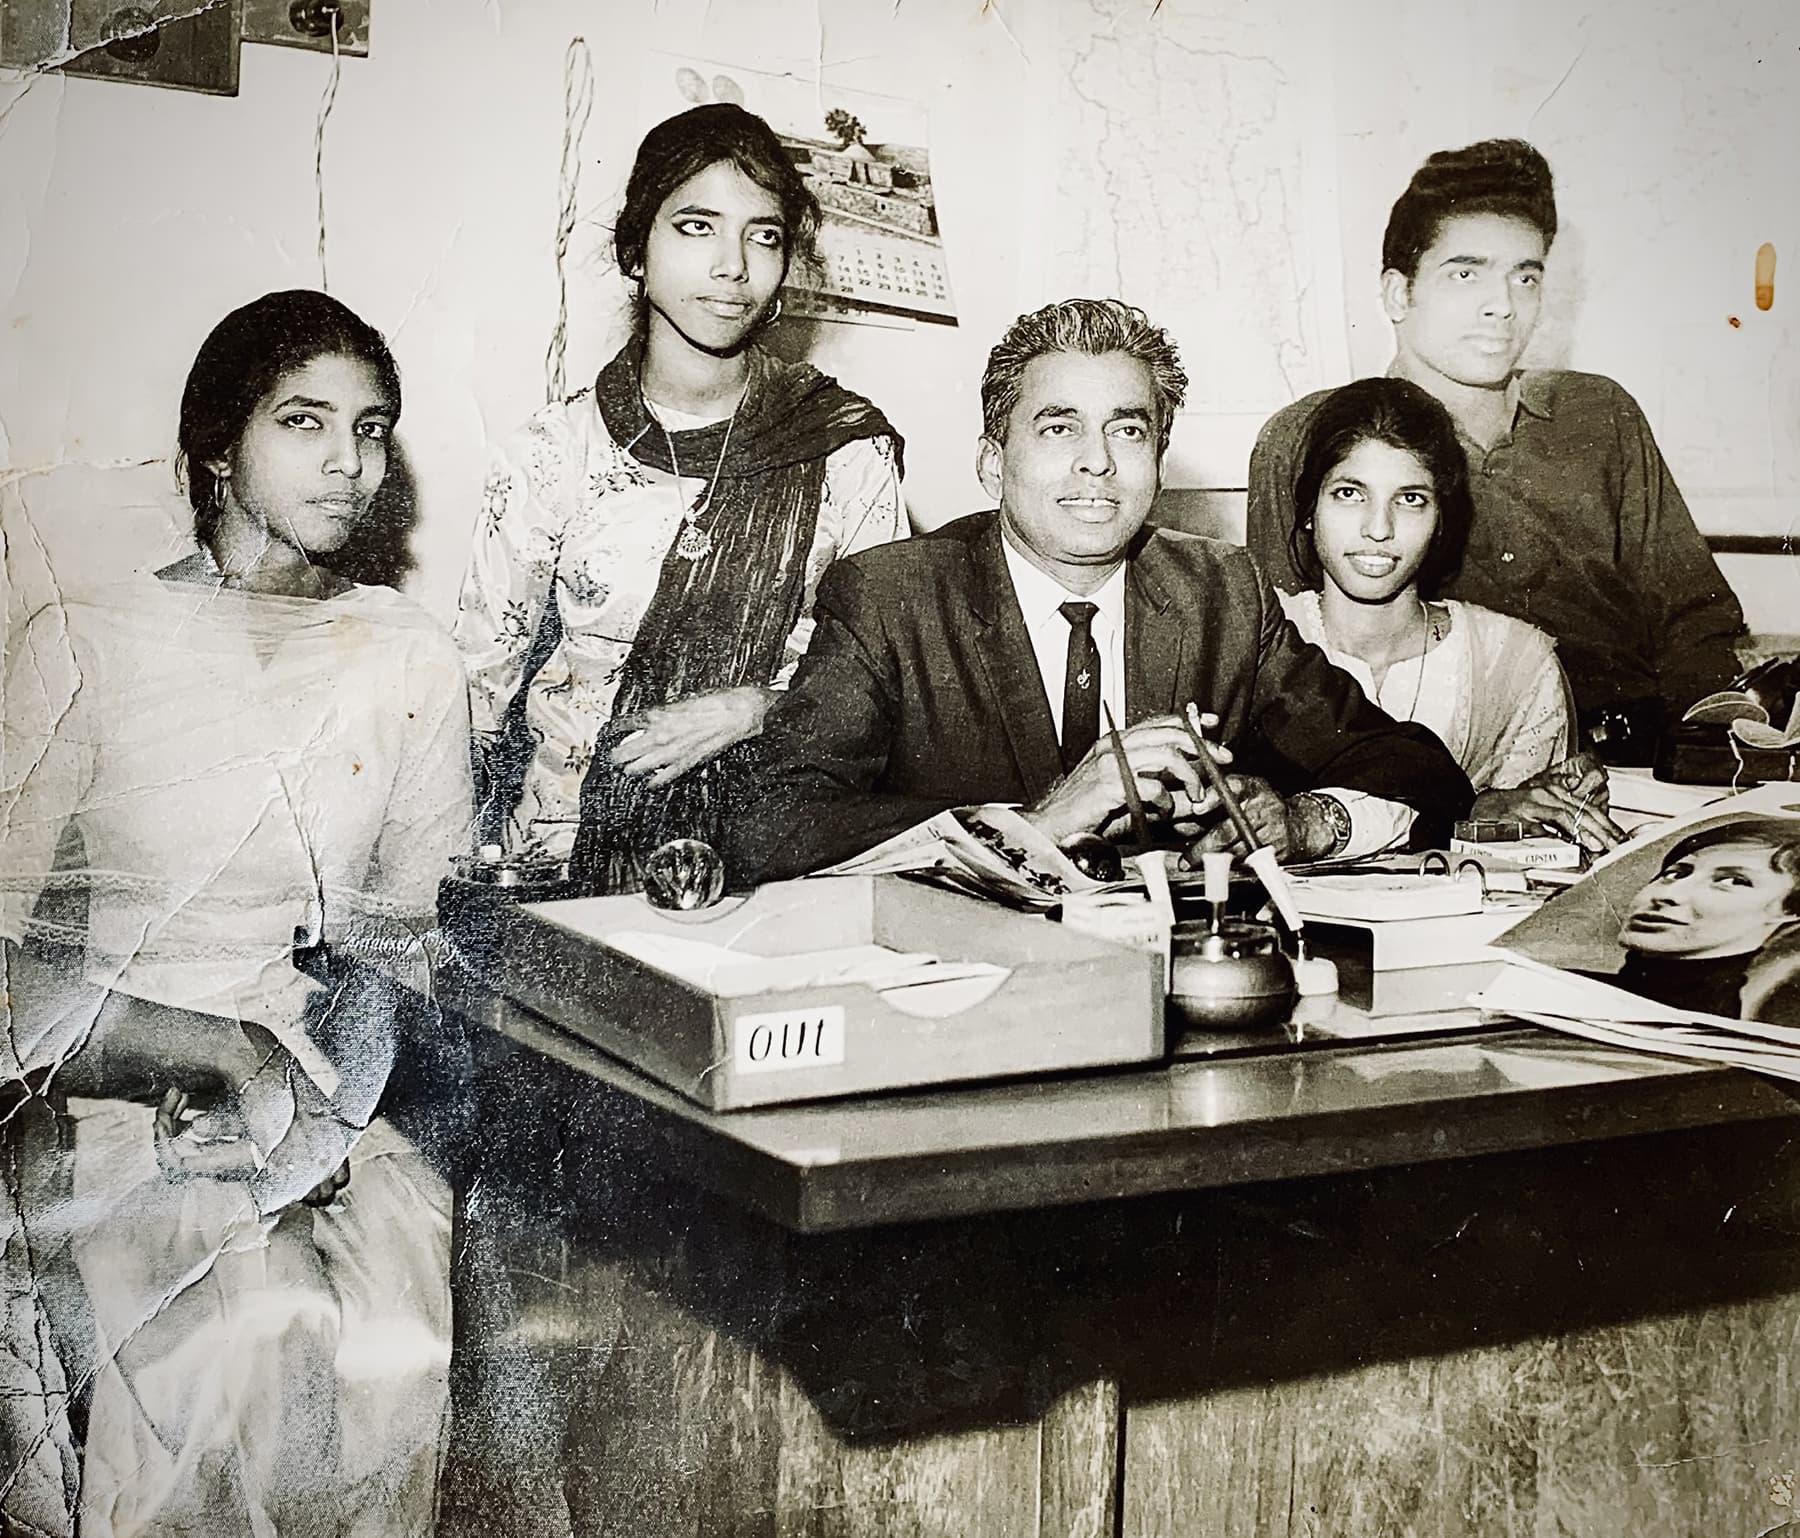 ابراہیم جلیس اپنے بیٹے شہریار جلیس اور بیٹیوں ڈاکٹر ربینہ جلیس، طیبہ جلیس، زبیدہ جلیس کے ہمراہ انجم اخبار کے دفتر میں موجود ہیں— تصویر بشکریہ زاہد حسین